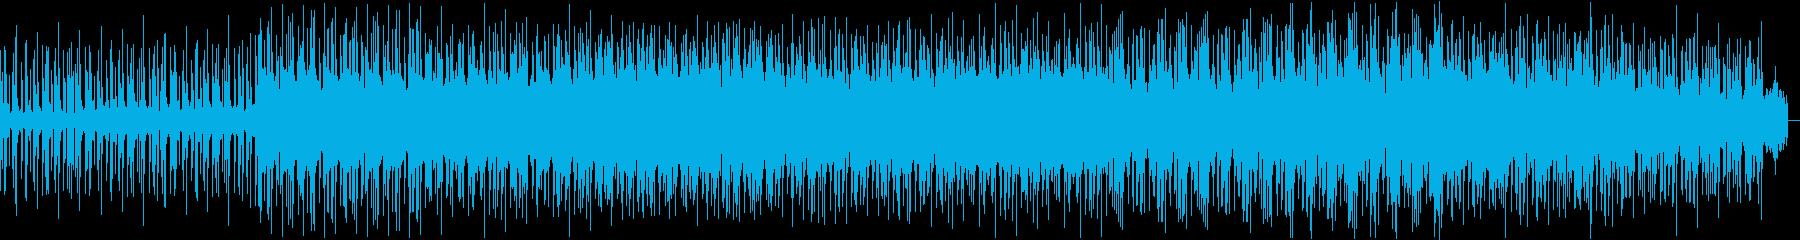 【重低音】ミドルテンポでダークな雰囲気の再生済みの波形